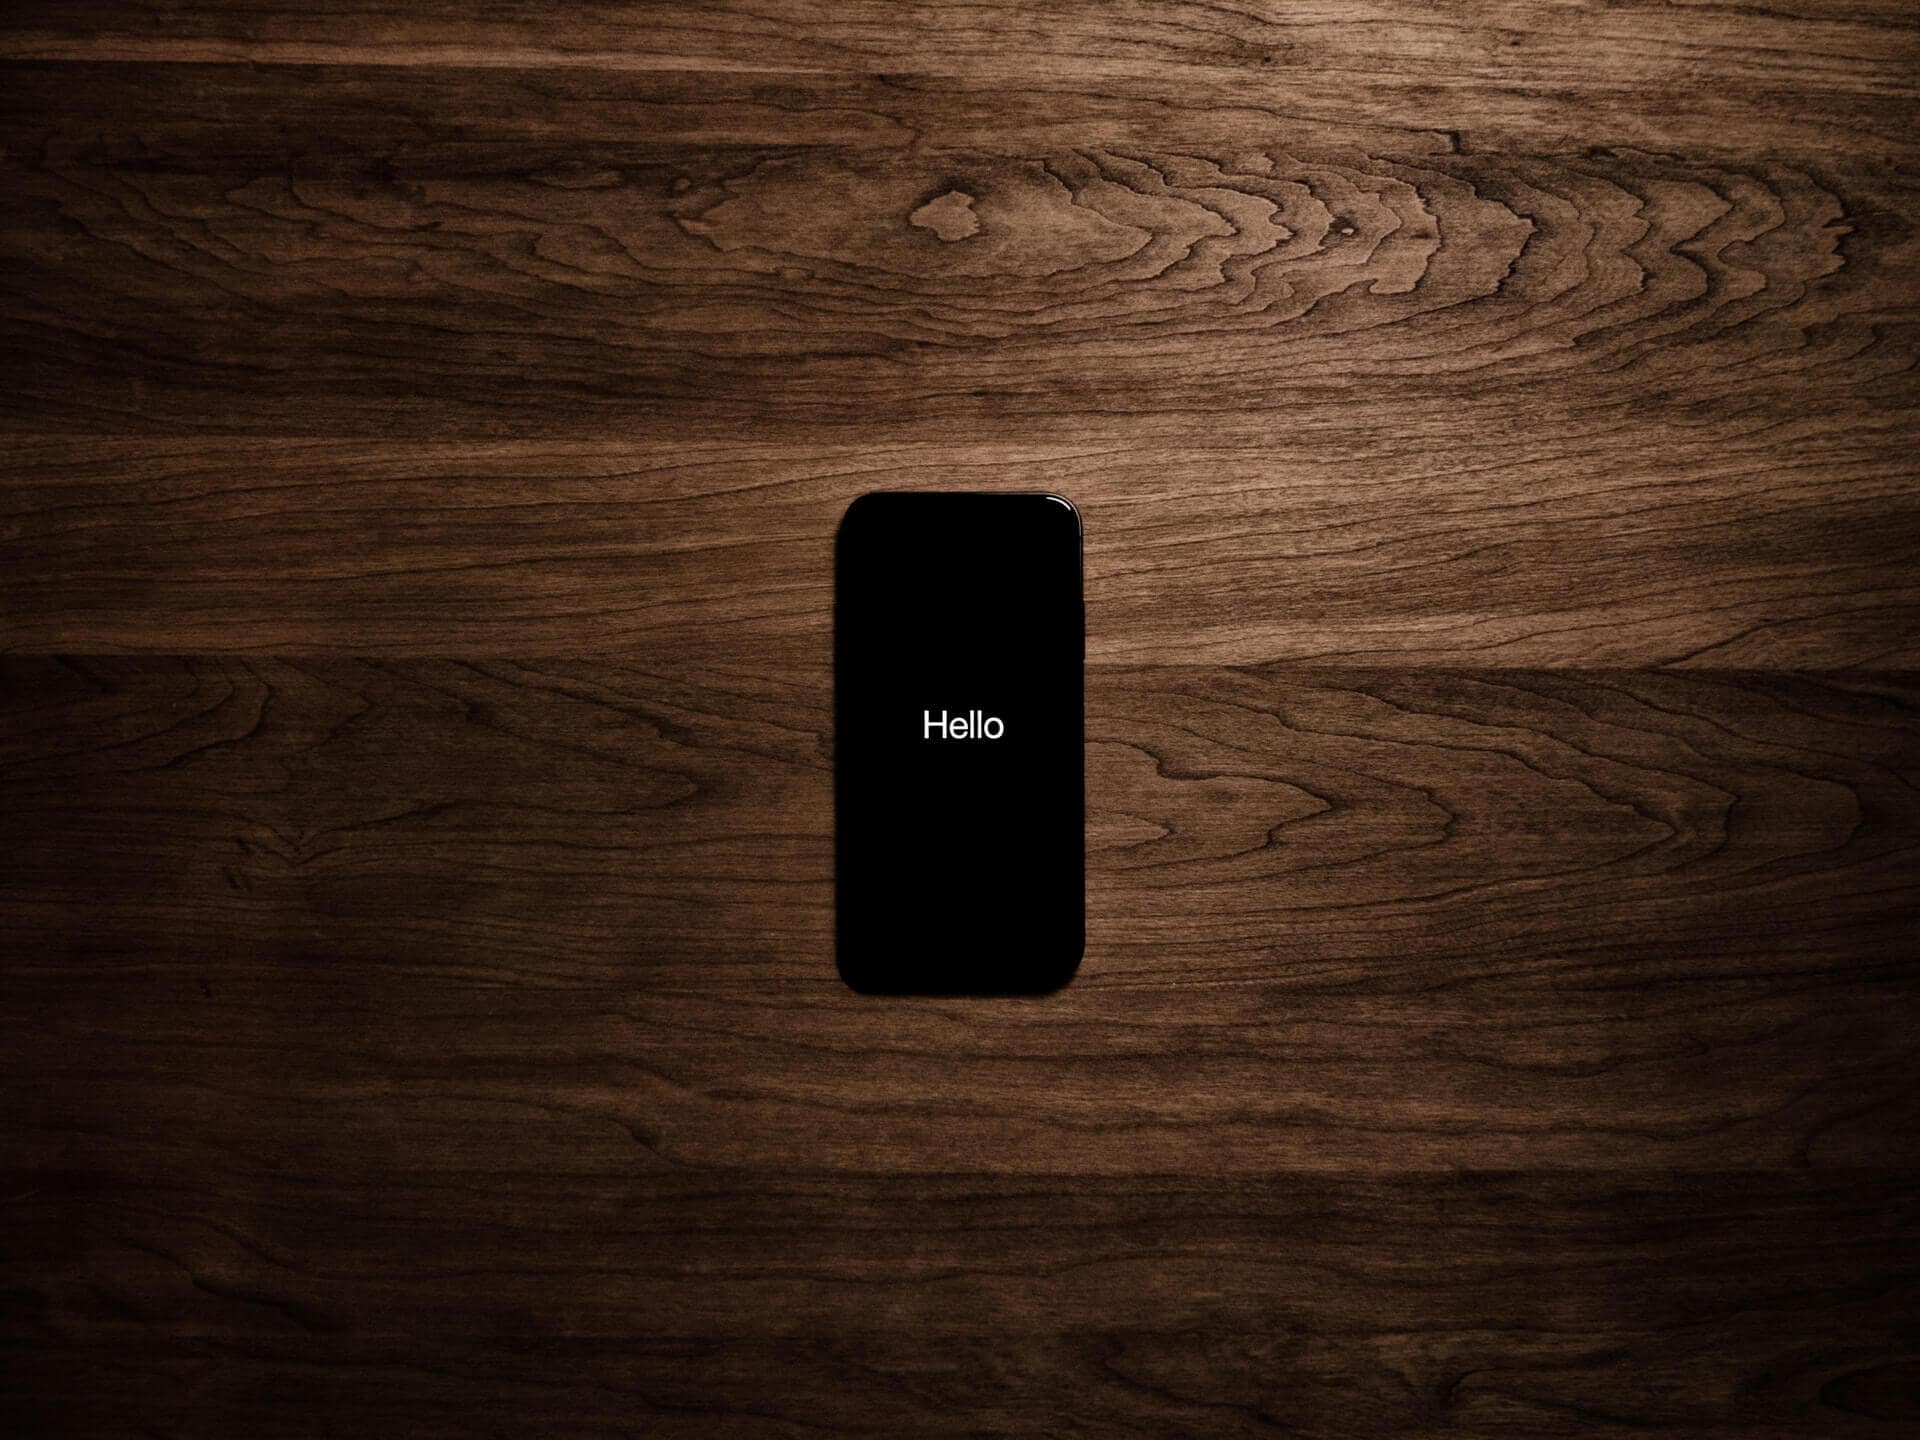 Jak wyłaczyć iPhone X?